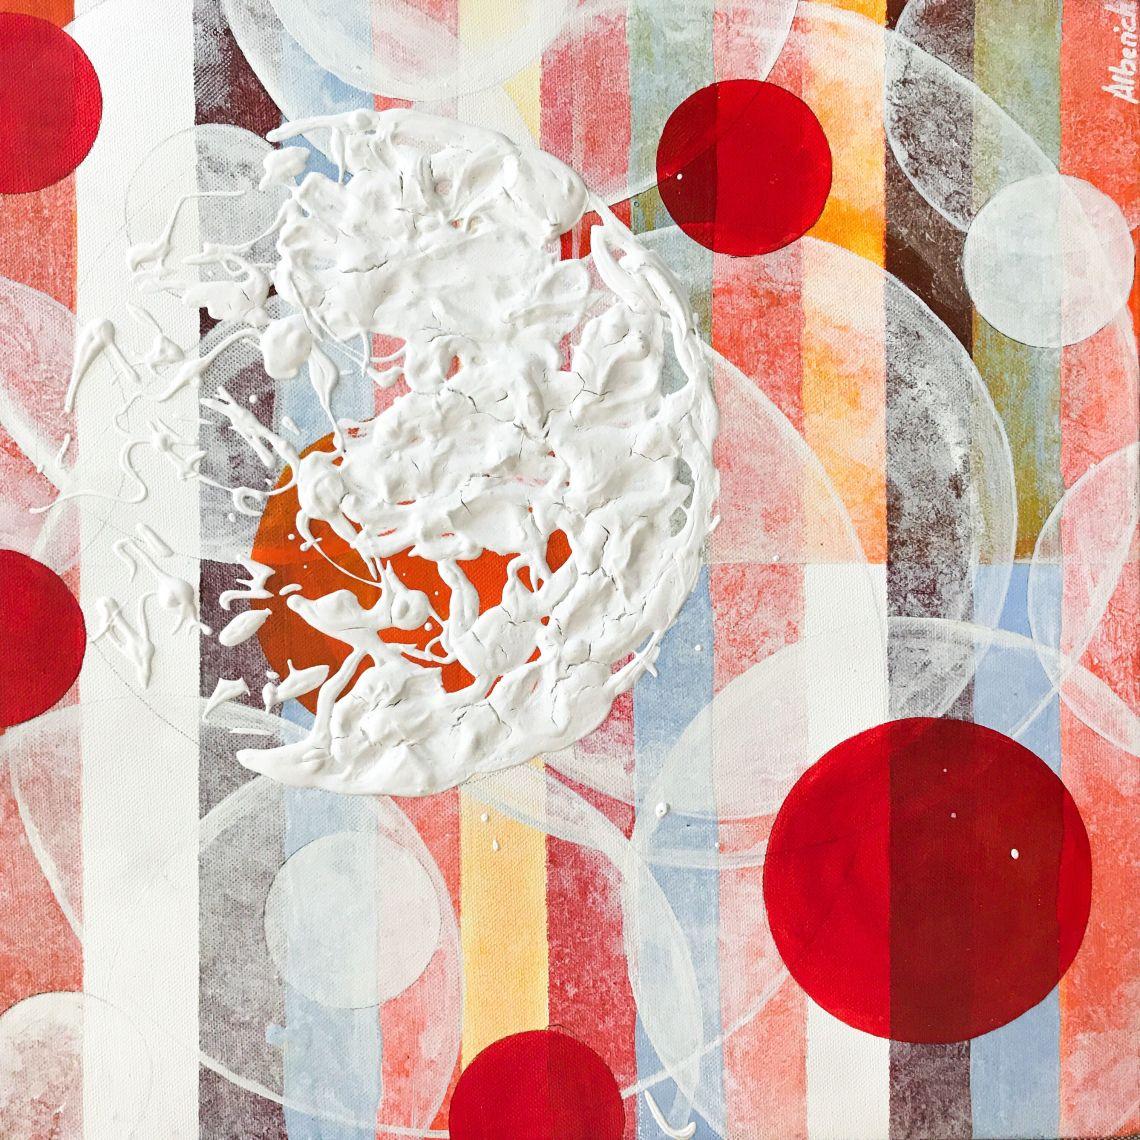 Cuadro colorista abstracto